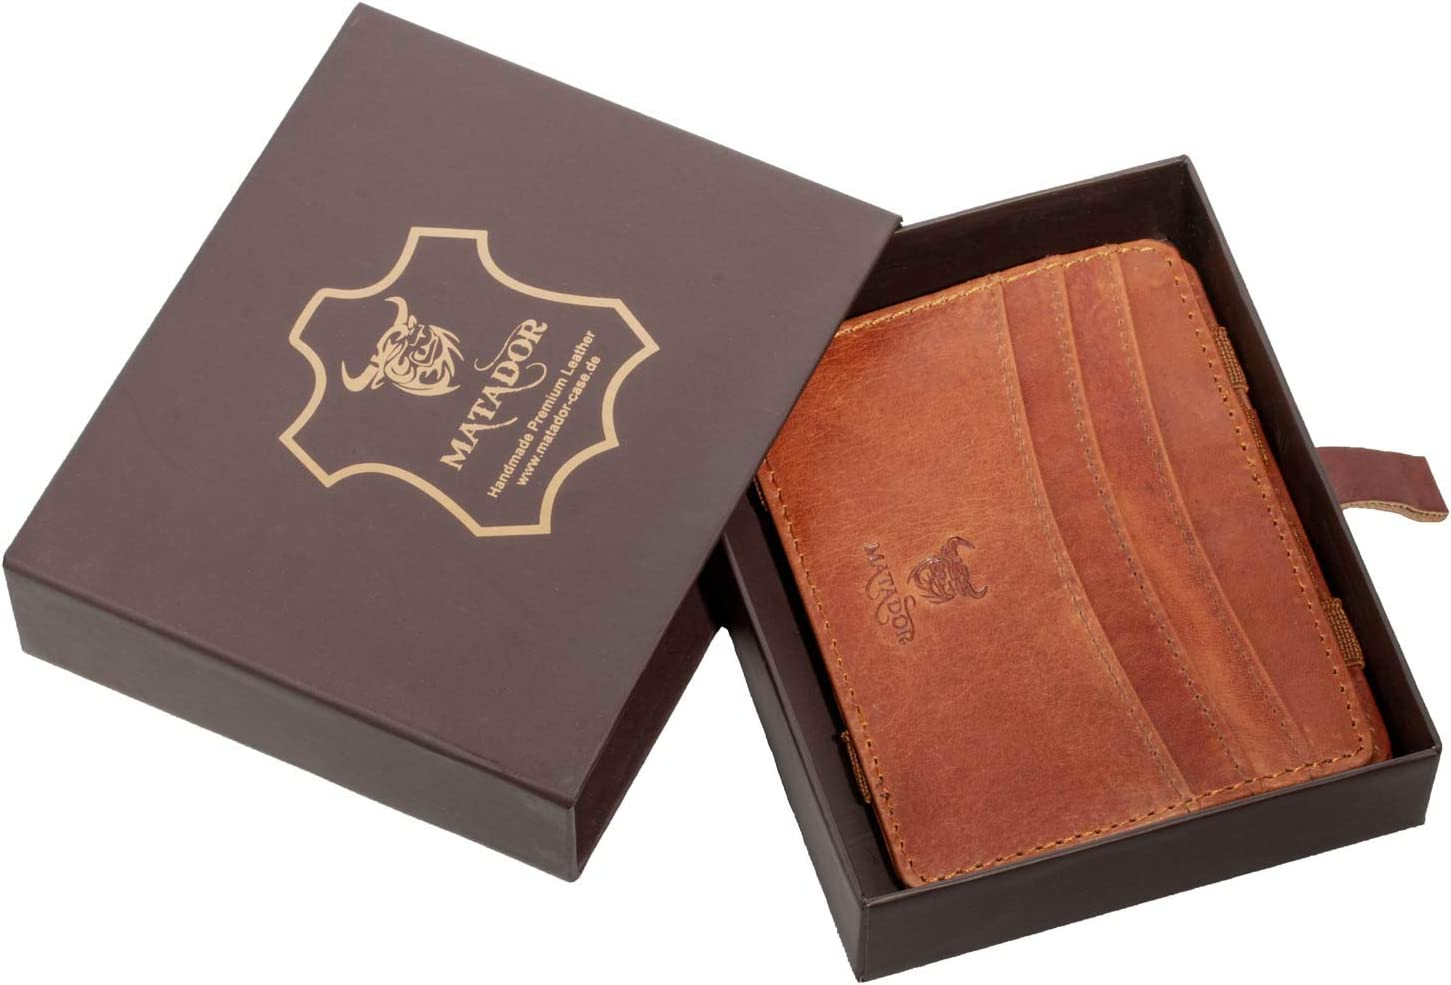 MATADOR Kreditkarten-hülle Kartenhalter Tasche Etui Geldbörse Geldbeutel RFID